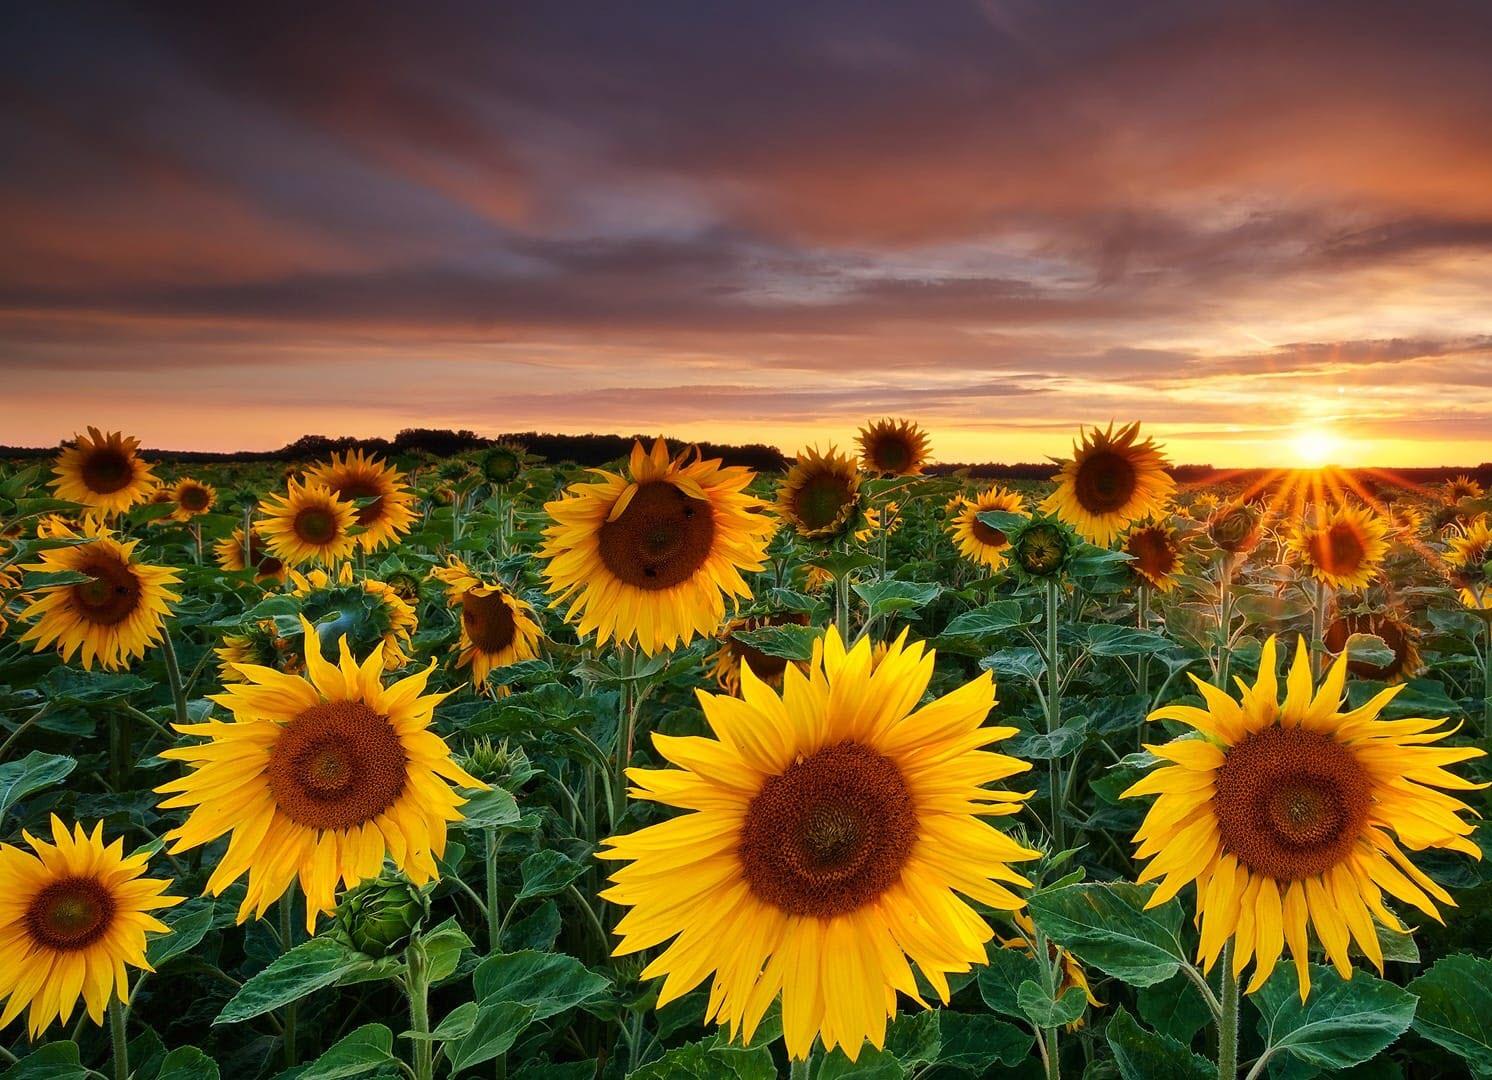 Hình ảnh cánh đồng hoa hướng dương